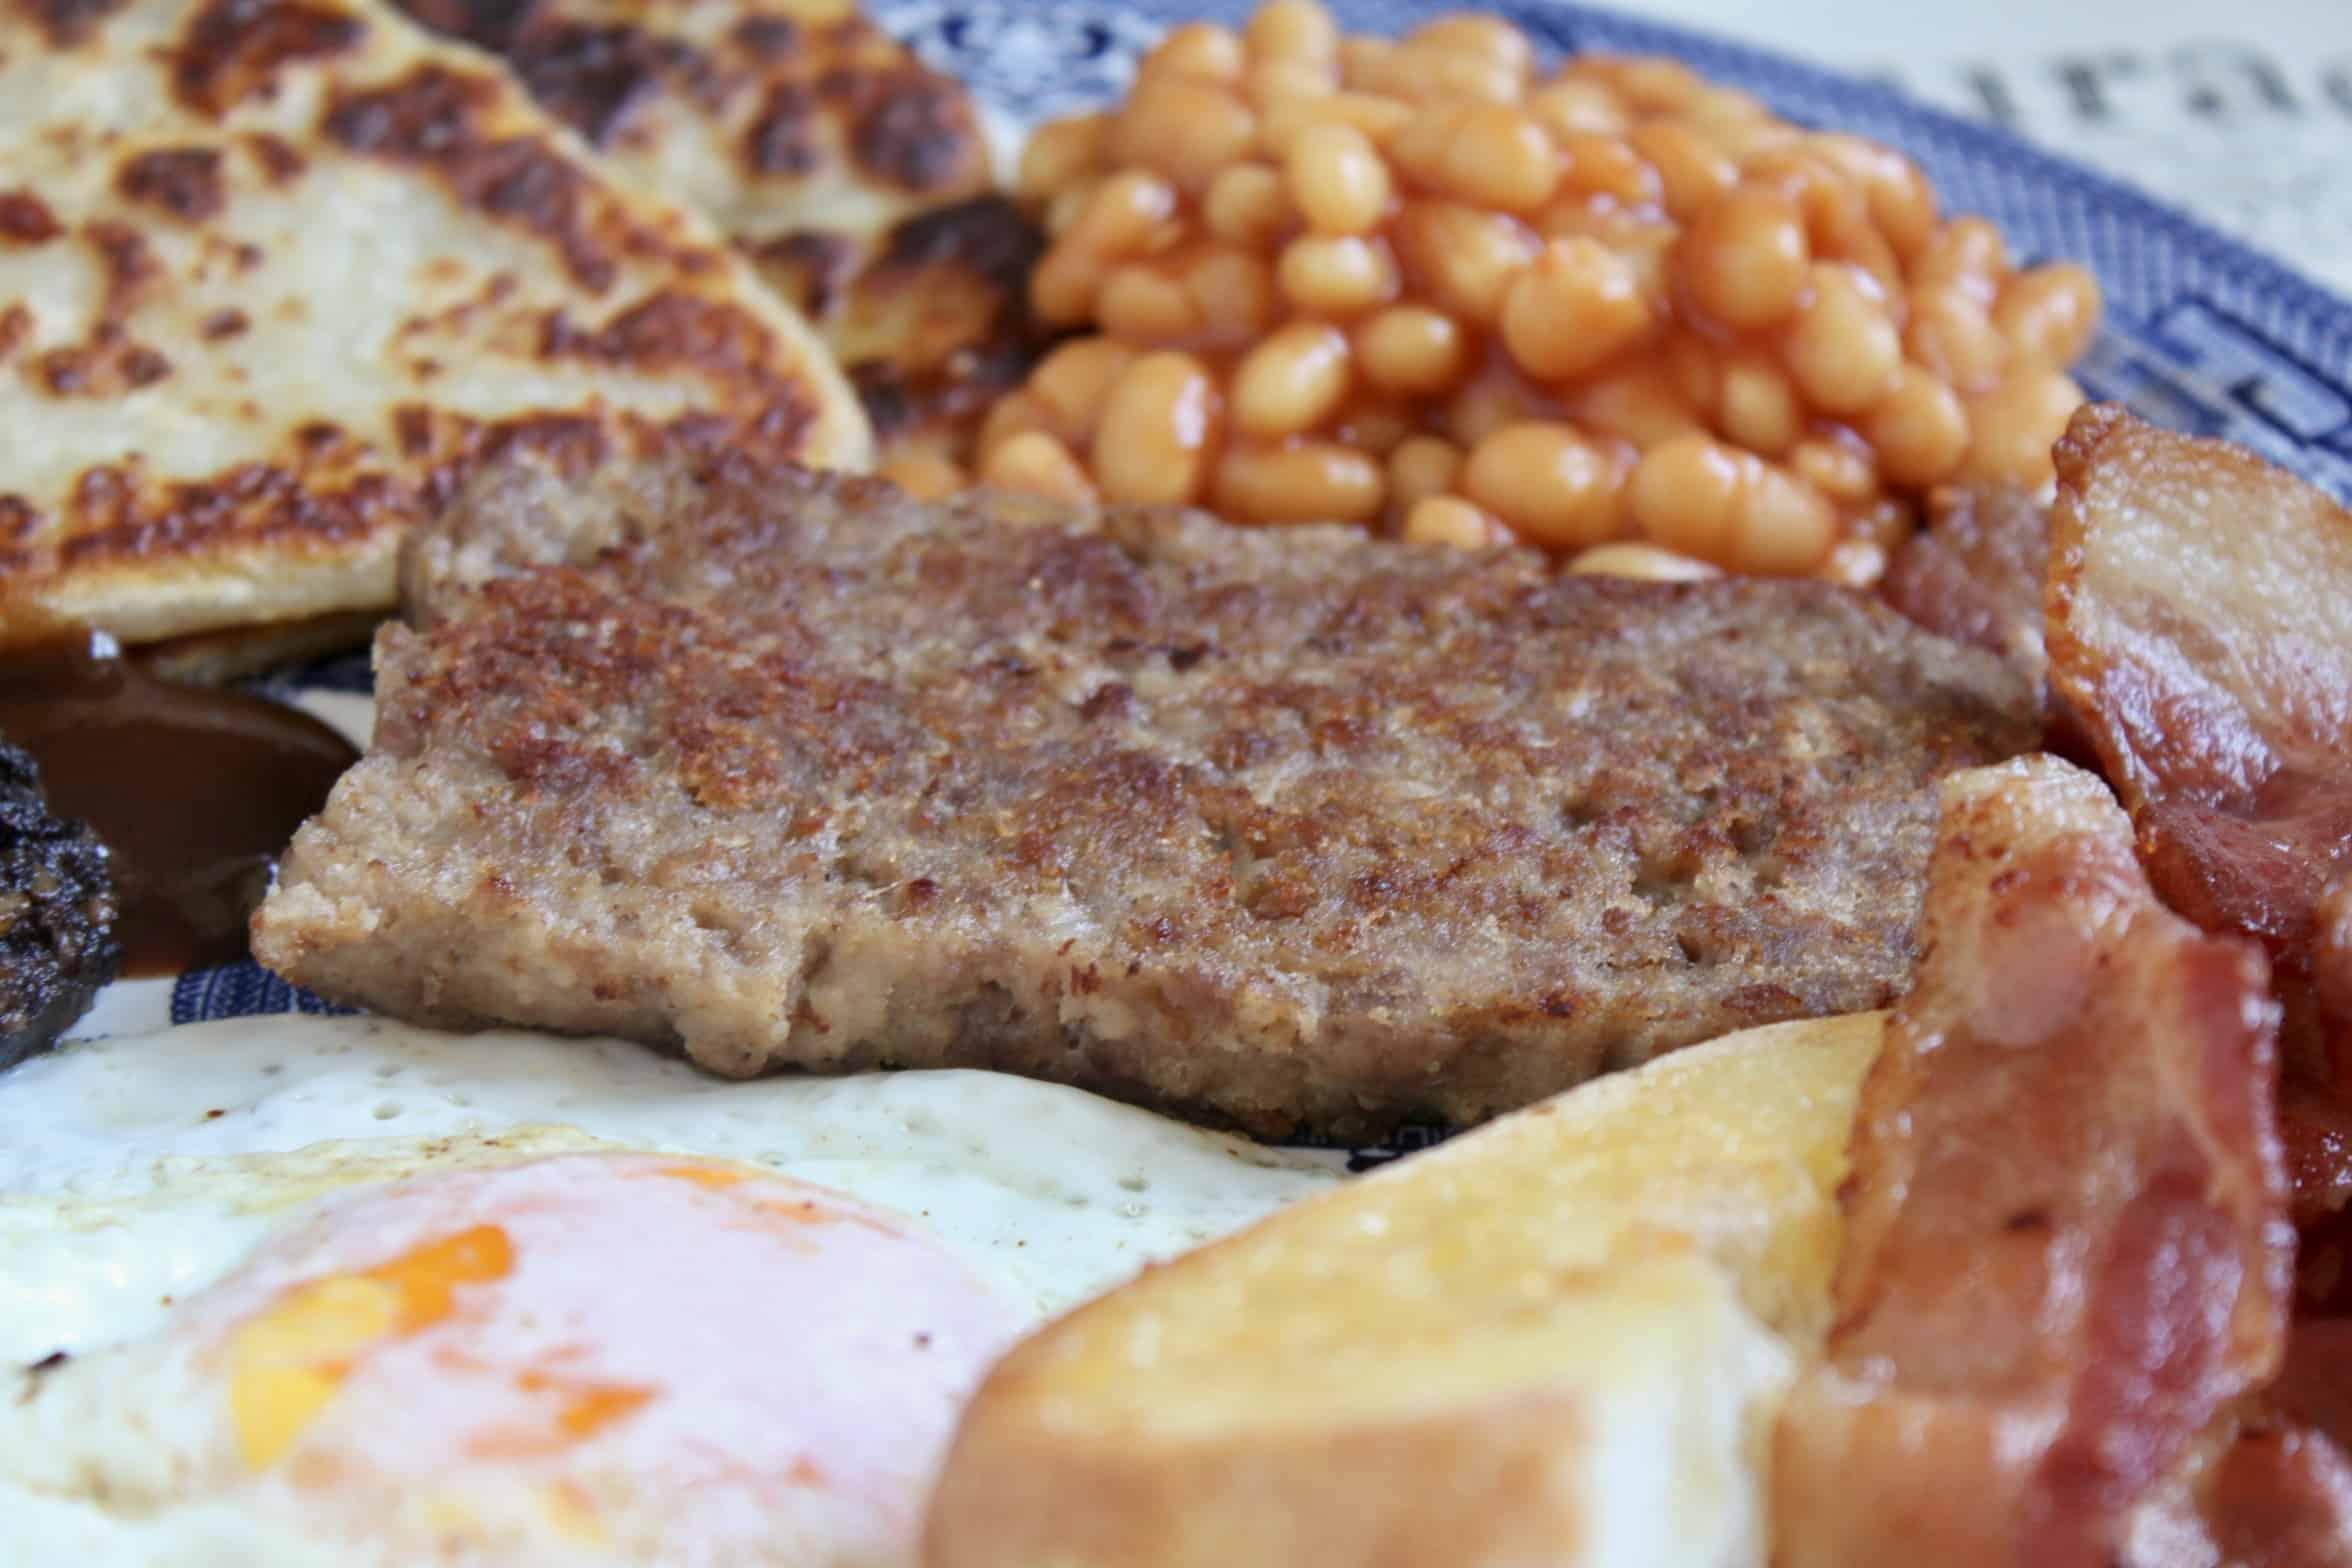 homemade Lorne sausage or square sausage